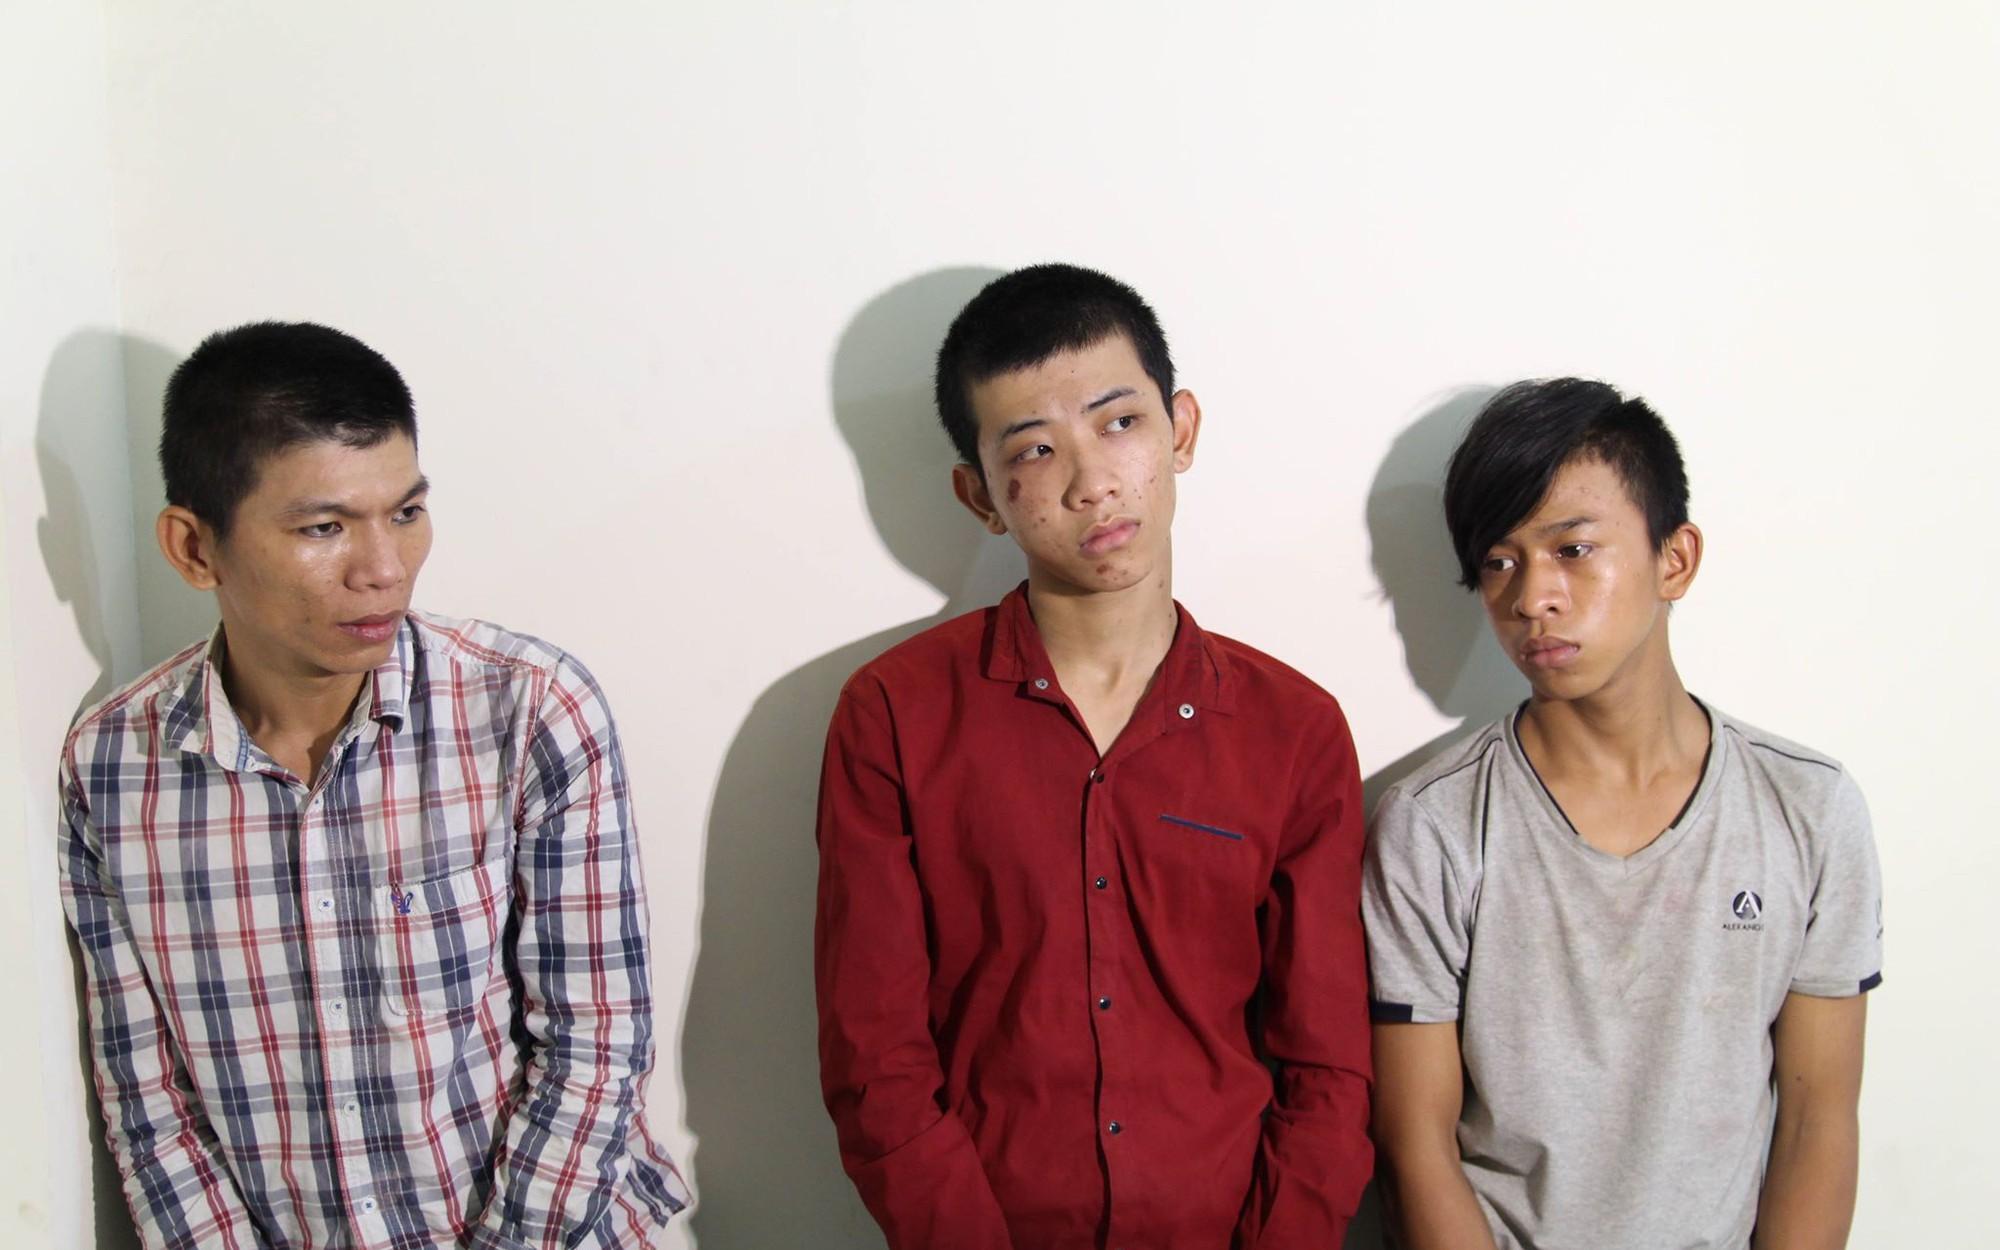 Nhóm cướp nghiện game ma tuý chuyên dùng hung khí tấn công phụ nữ ở vùng ven Sài Gòn